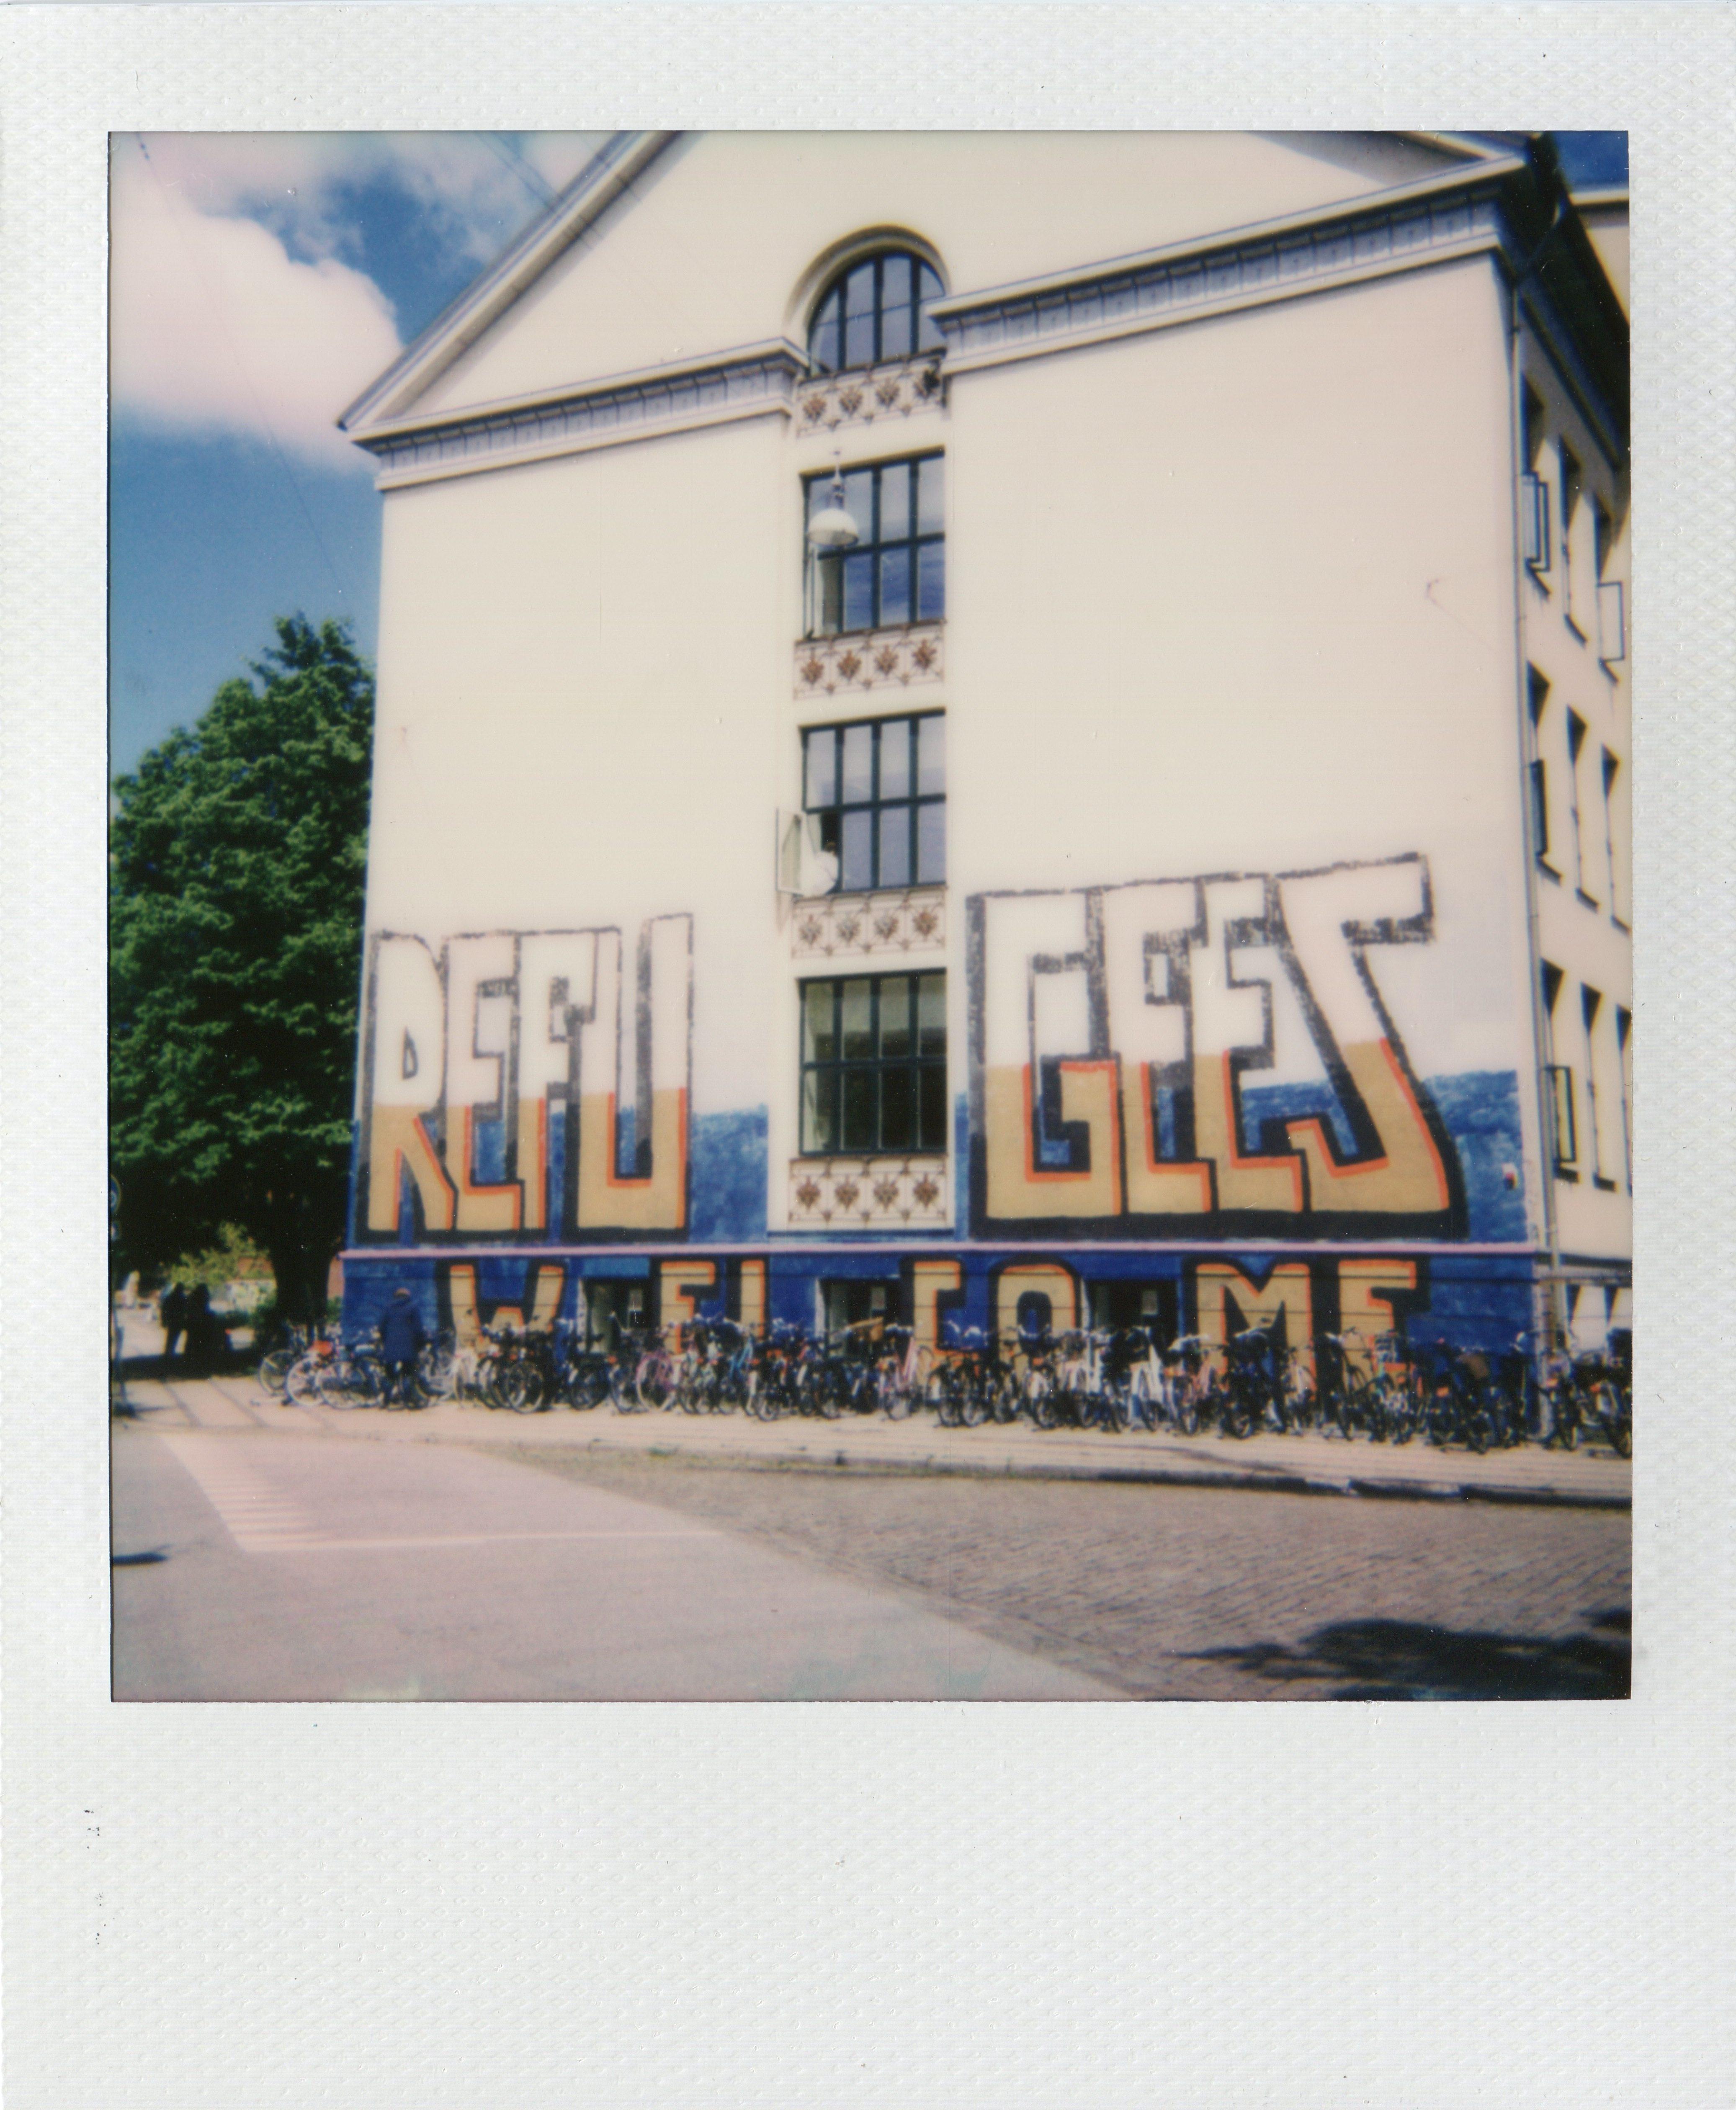 fotografier, farverige, ekspressionistiske, grafiske, pop, arkitektur, tegneserier, hverdagsliv, stemninger, typografi, beige, blå, grønne, pastel, fotos, arkitektoniske, cykler, drenge, bygninger, byer, samtidskunst, københavn, terninger, dansk, dag, ekspressionisme, piger, graffiti, huse, kærlighed, moderne-kunst, nordisk, udendørs, skandinavisk, street-art, gader, urban, Køb original kunst og kunstplakater. Malerier, tegninger, limited edition kunsttryk & plakater af dygtige kunstnere.